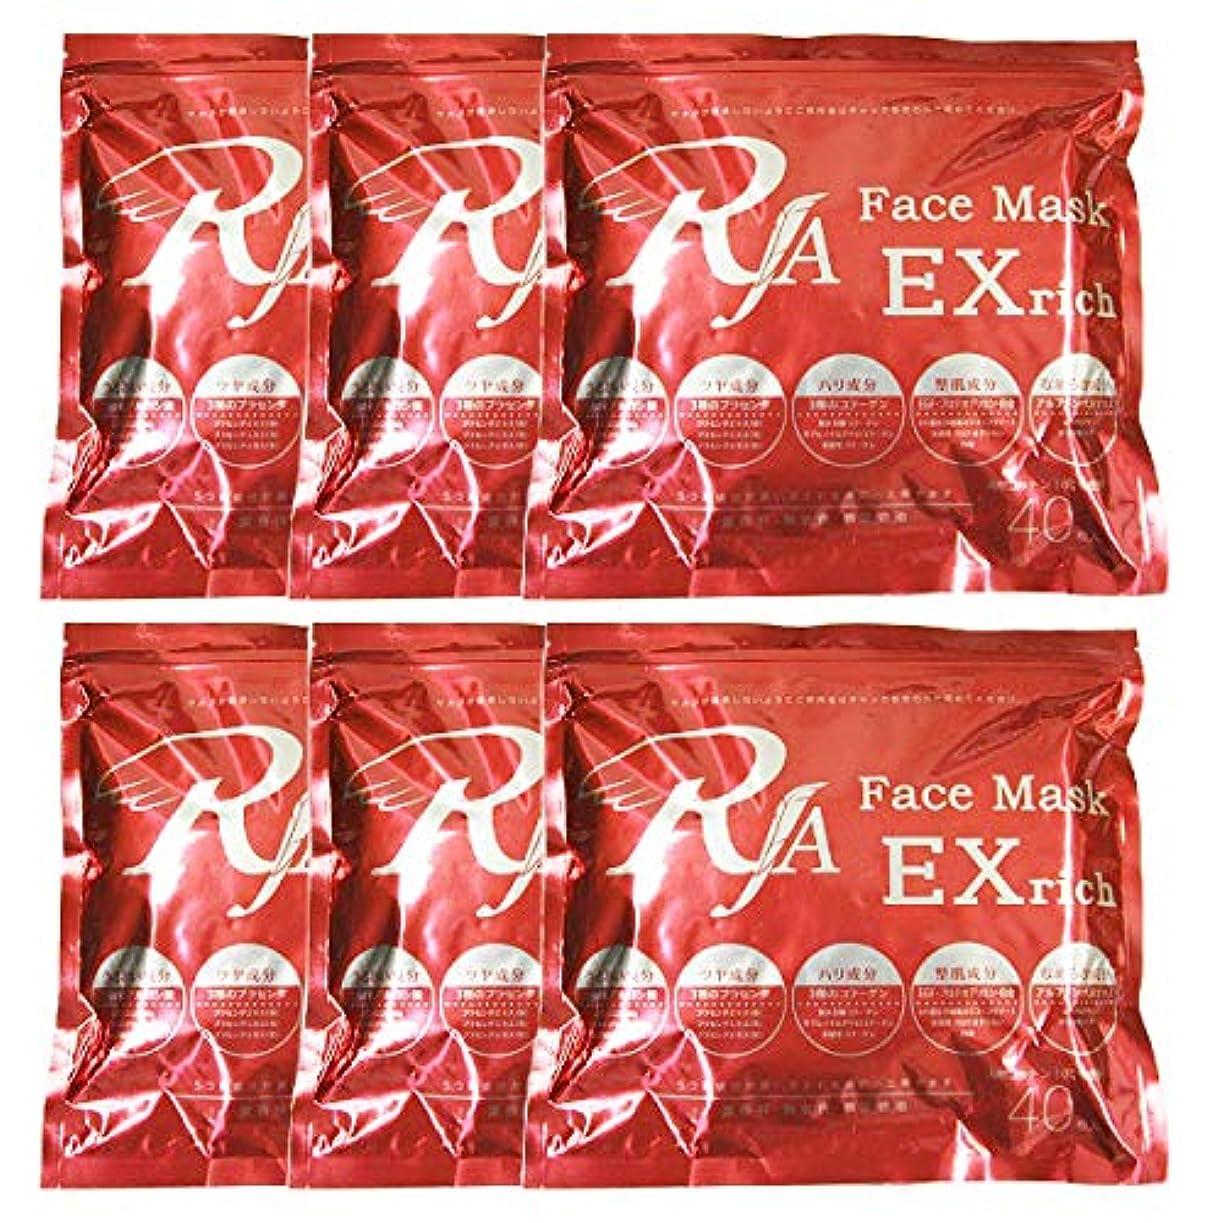 優先郊外注ぎますTBS公式/RJA フェイス マスク EXrich 240枚入(40枚×6袋) エステ使用の実力派フェイスマスク!1枚に約11mlもの美容液